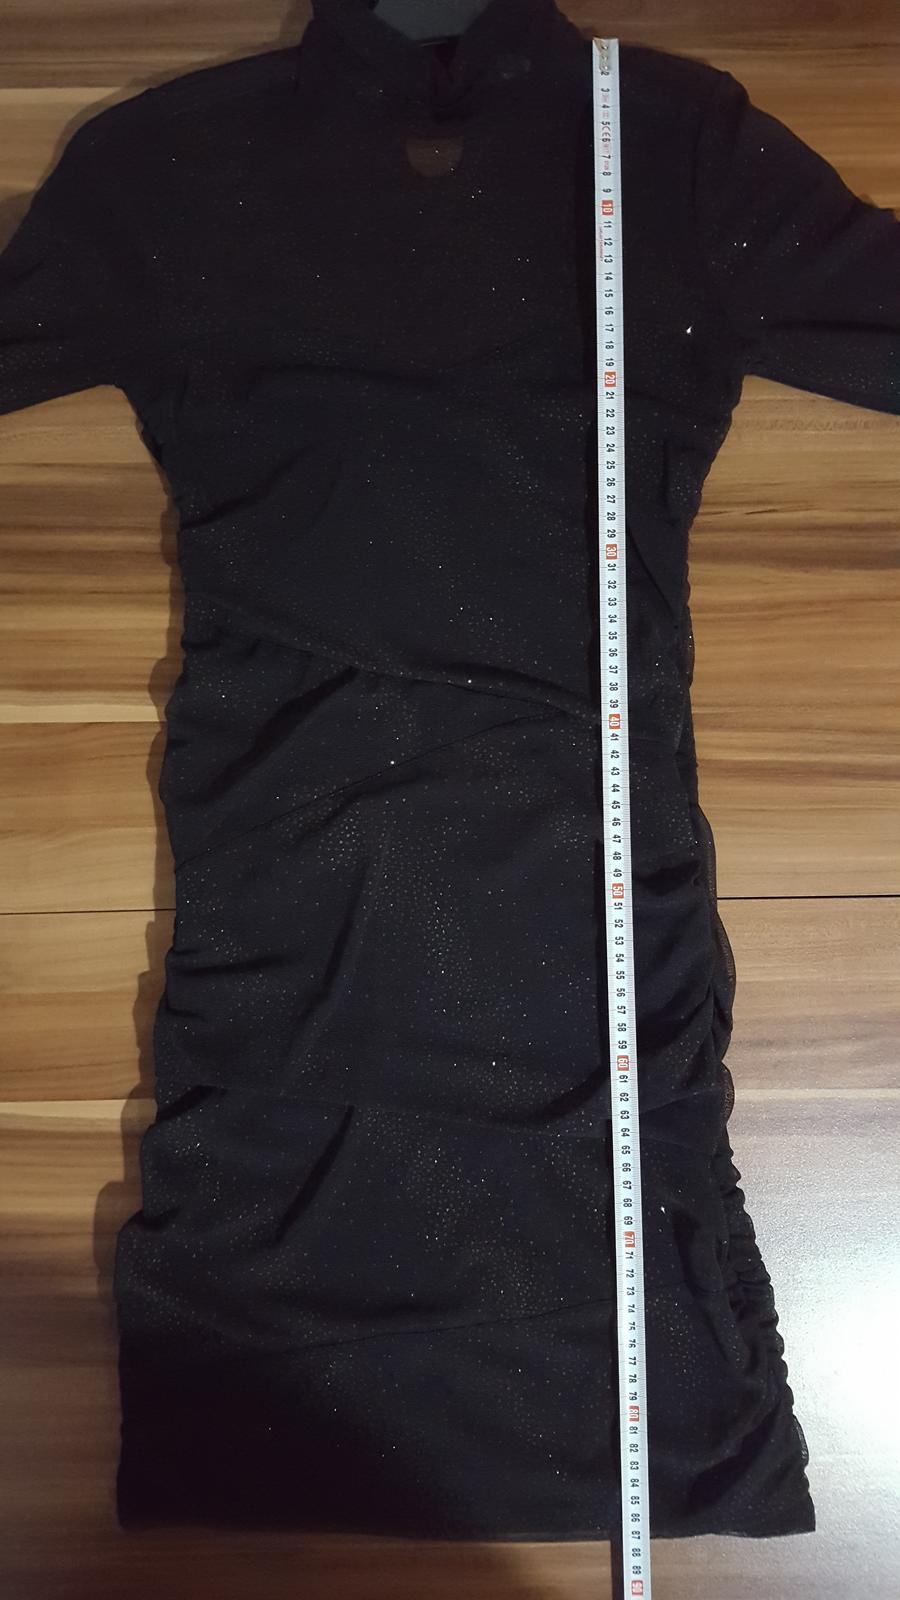 Elegantní černé šaty na tělo s třpytky - Obrázek č. 2